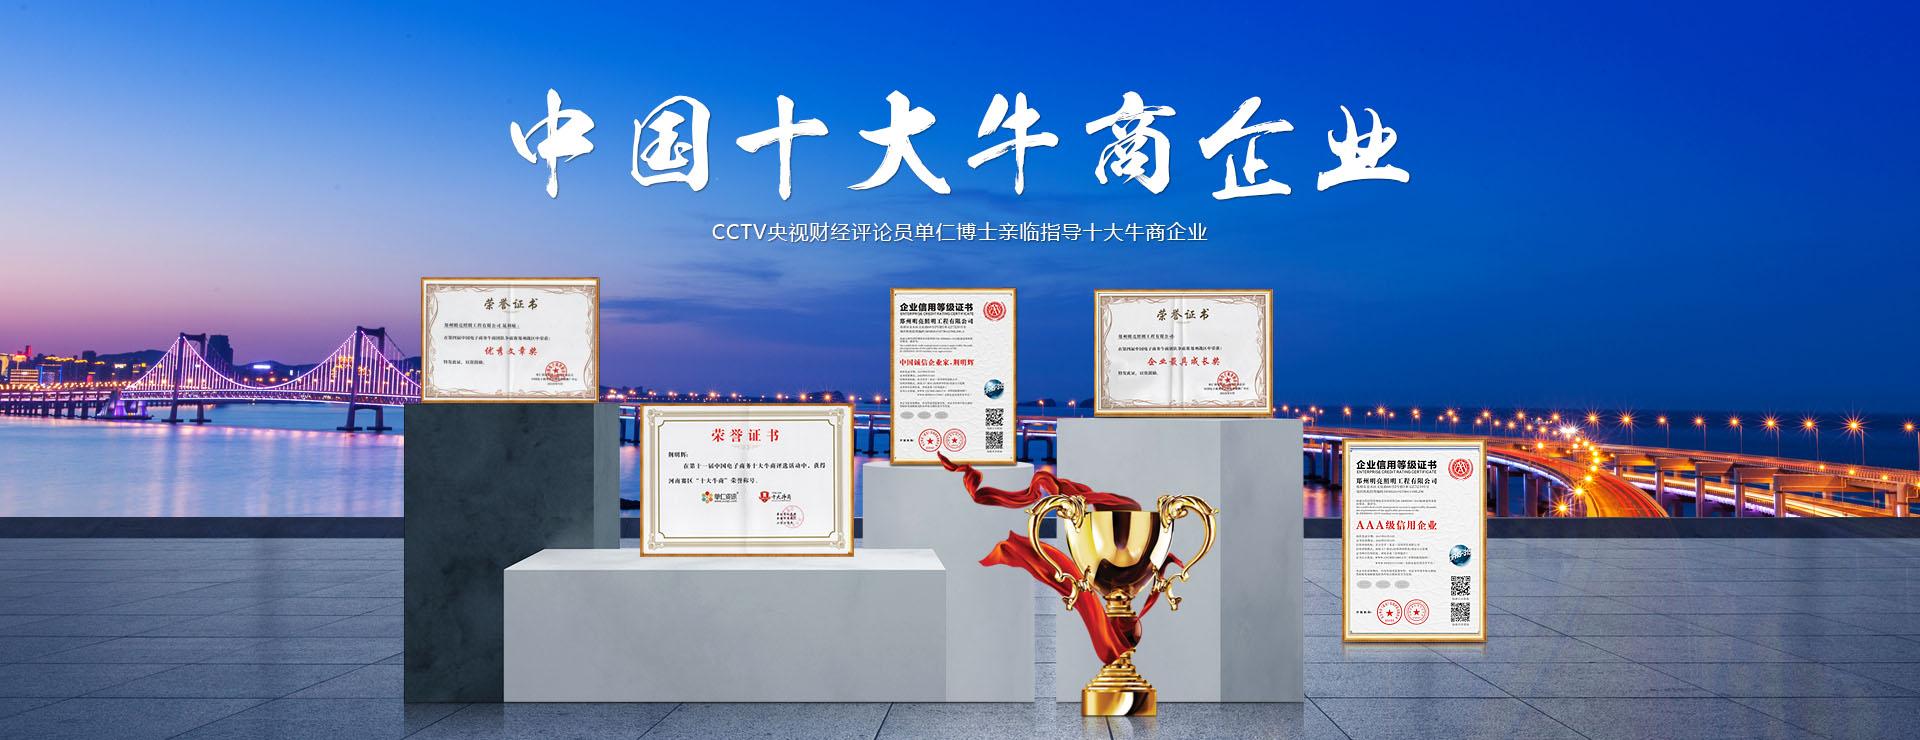 中国十大牛商企业,亮化工程公司